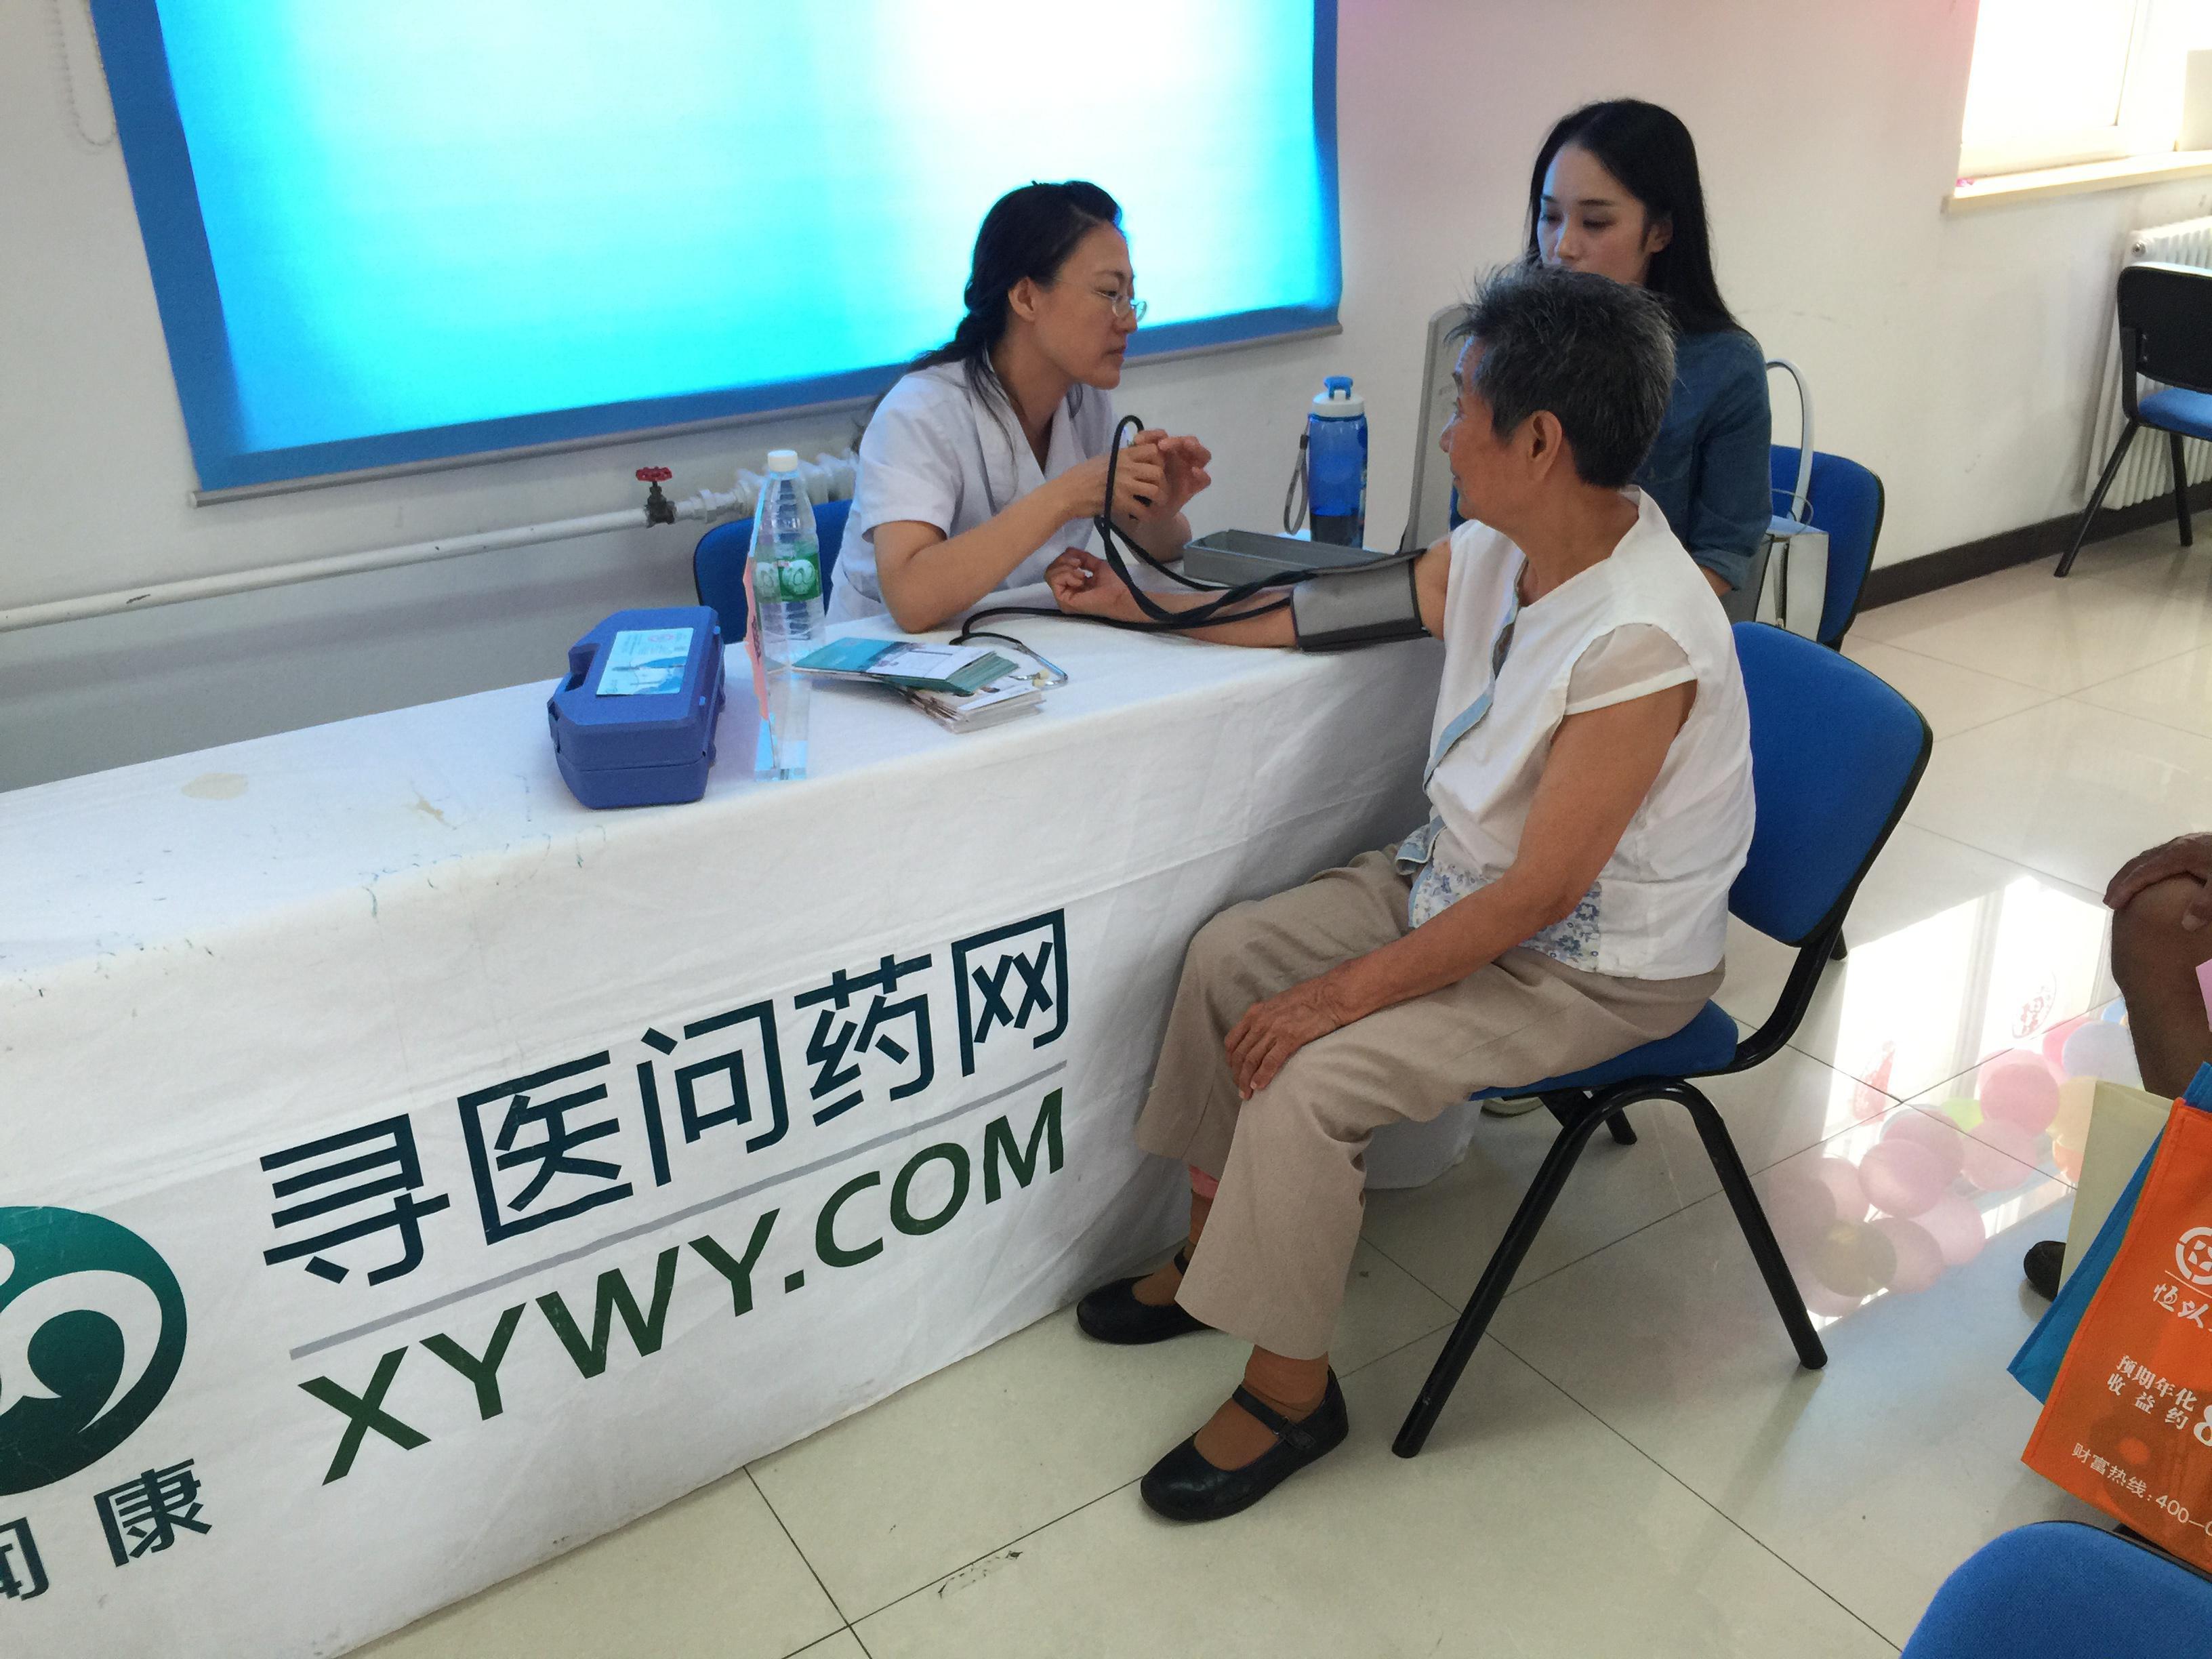 不知不觉的活动接近尾声,寻医问药网家庭医生做好最后一位前来居民的健康咨询。